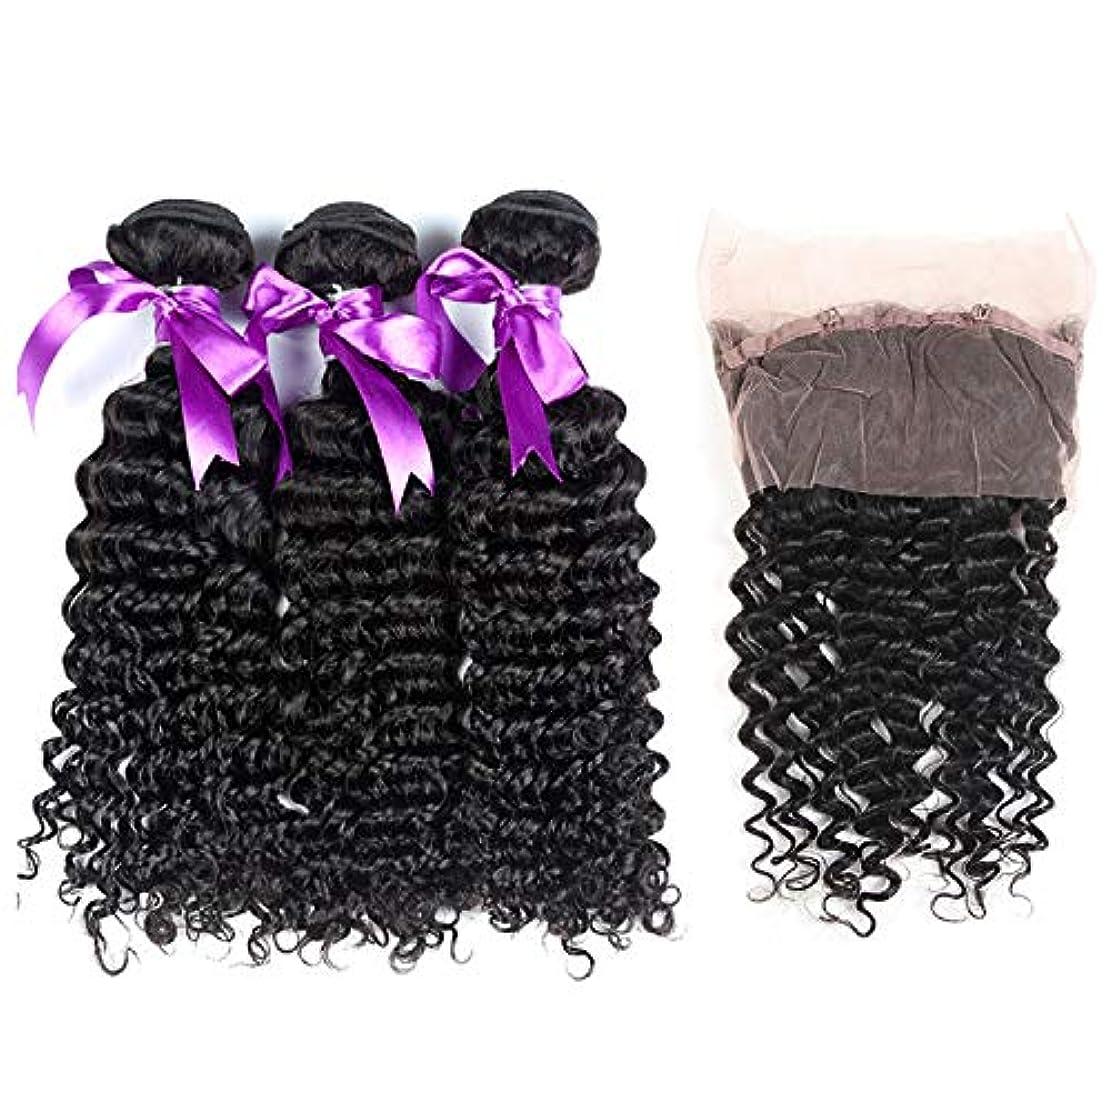 最大のどこか可塑性人間の髪の毛のかつら360レース前頭閉鎖とブラジルのディープウェーブの束100%Non-Remy人間の髪の束 (Length : 18 18 18 Closure14)